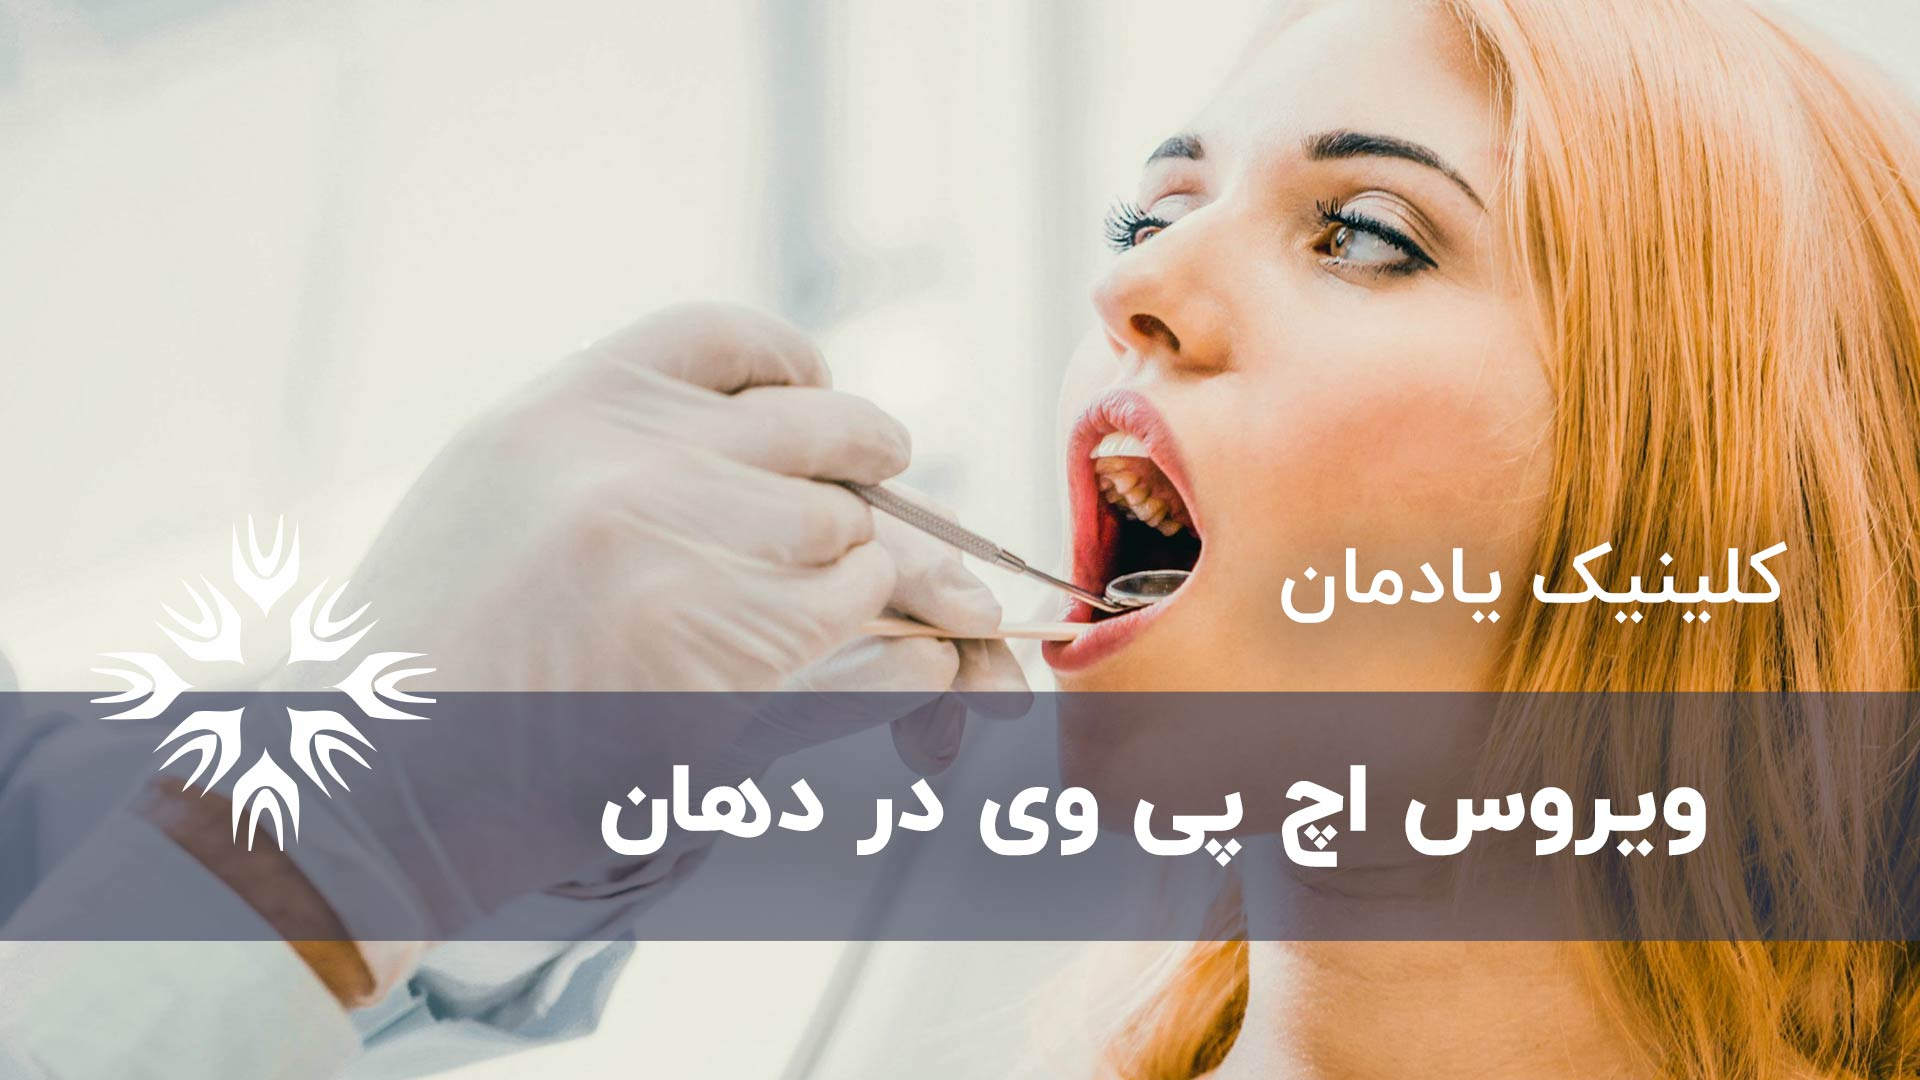 ویروس اچ پی وی و زگیل تناسلی در دهان